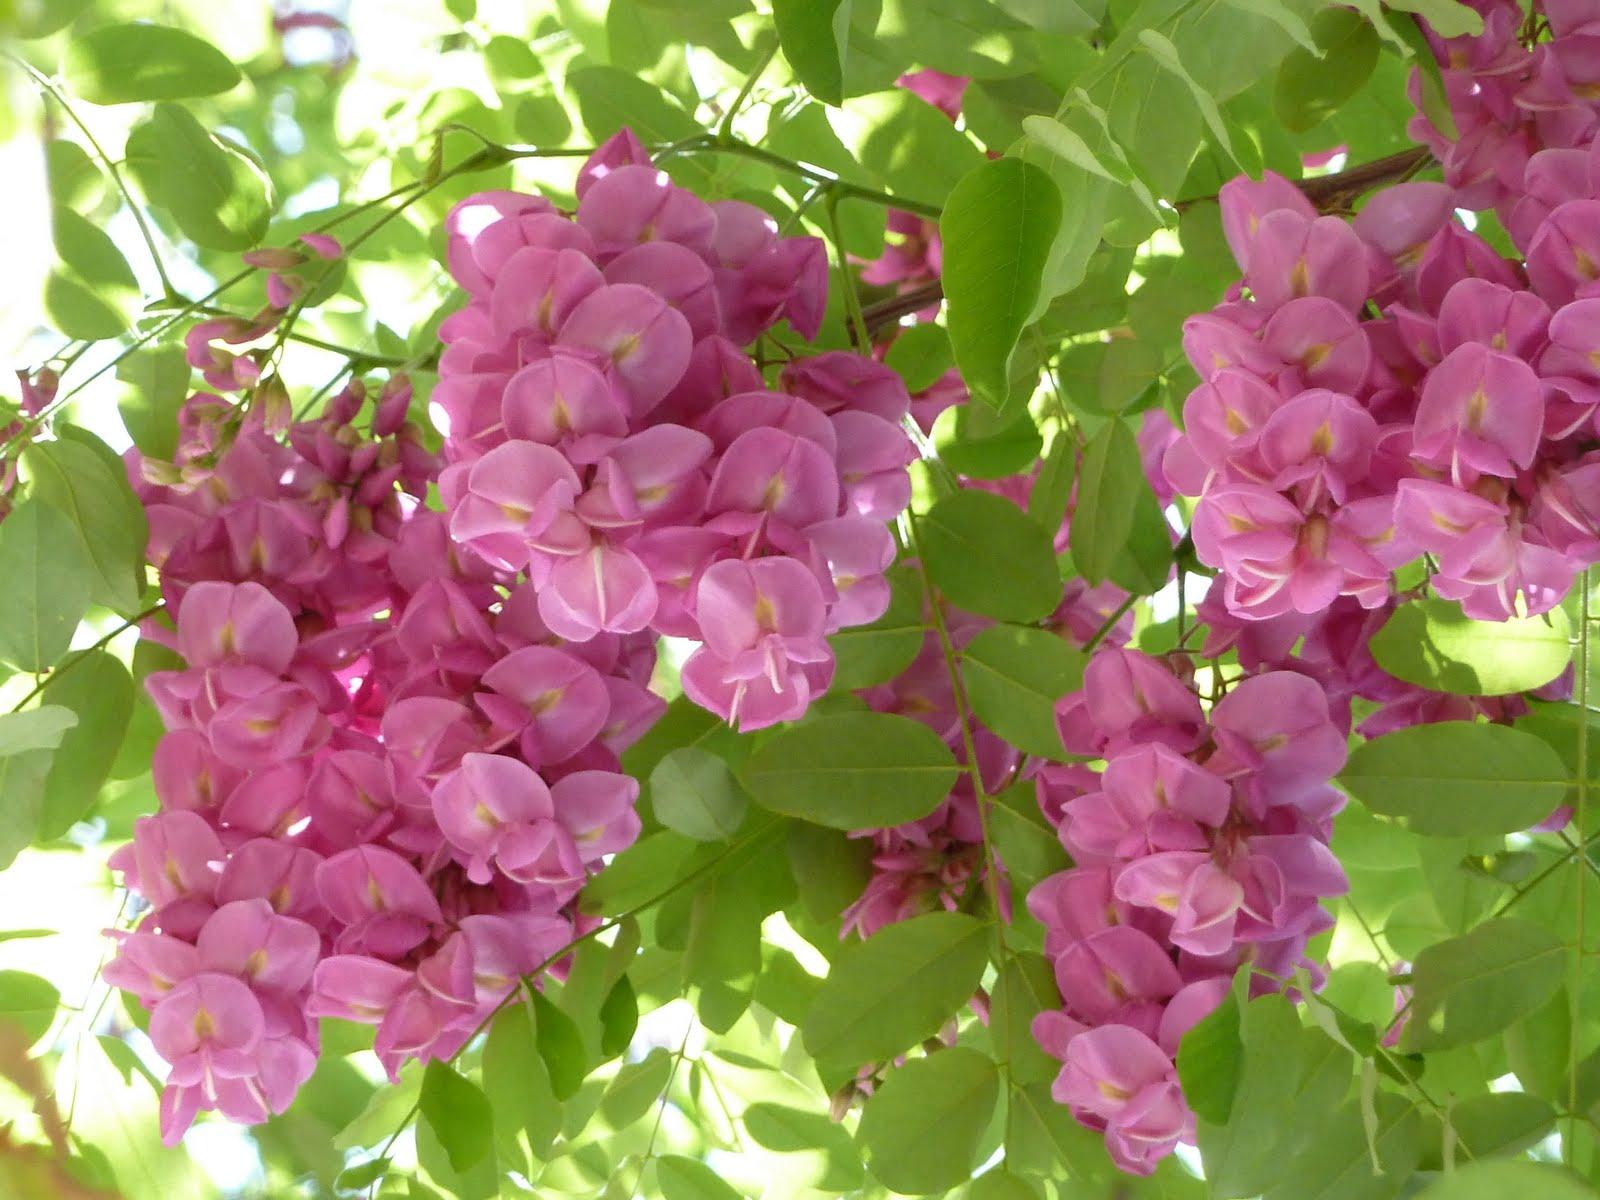 galería de imágenes vivero de plantas de rosas - Imagenes De Plantas De Rosas